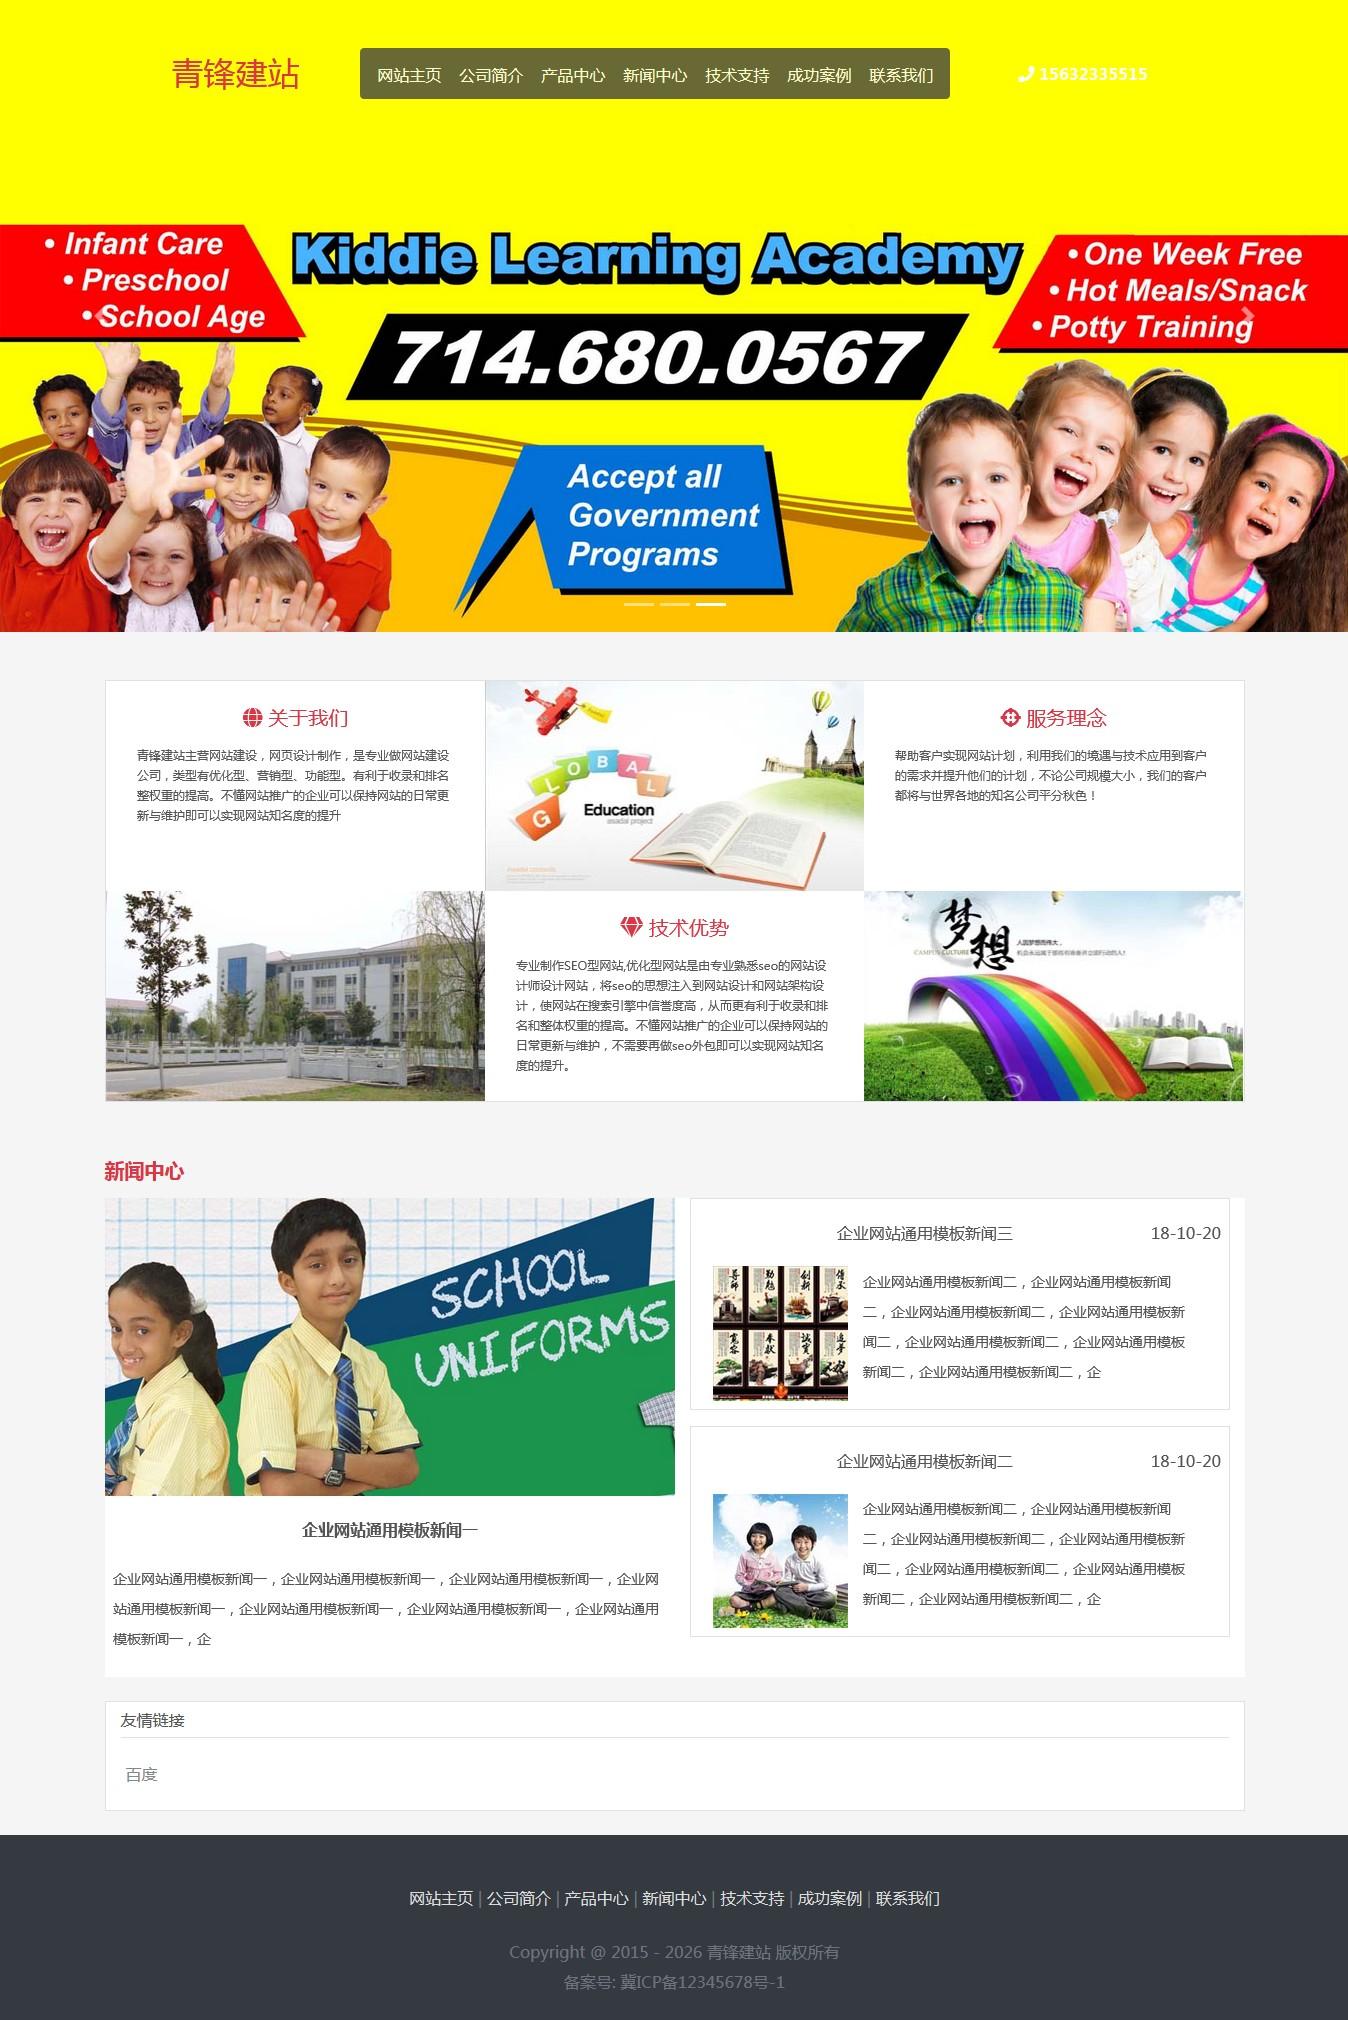 儿童培训行业亚搏彩票手机官网亚搏彩票手机官网